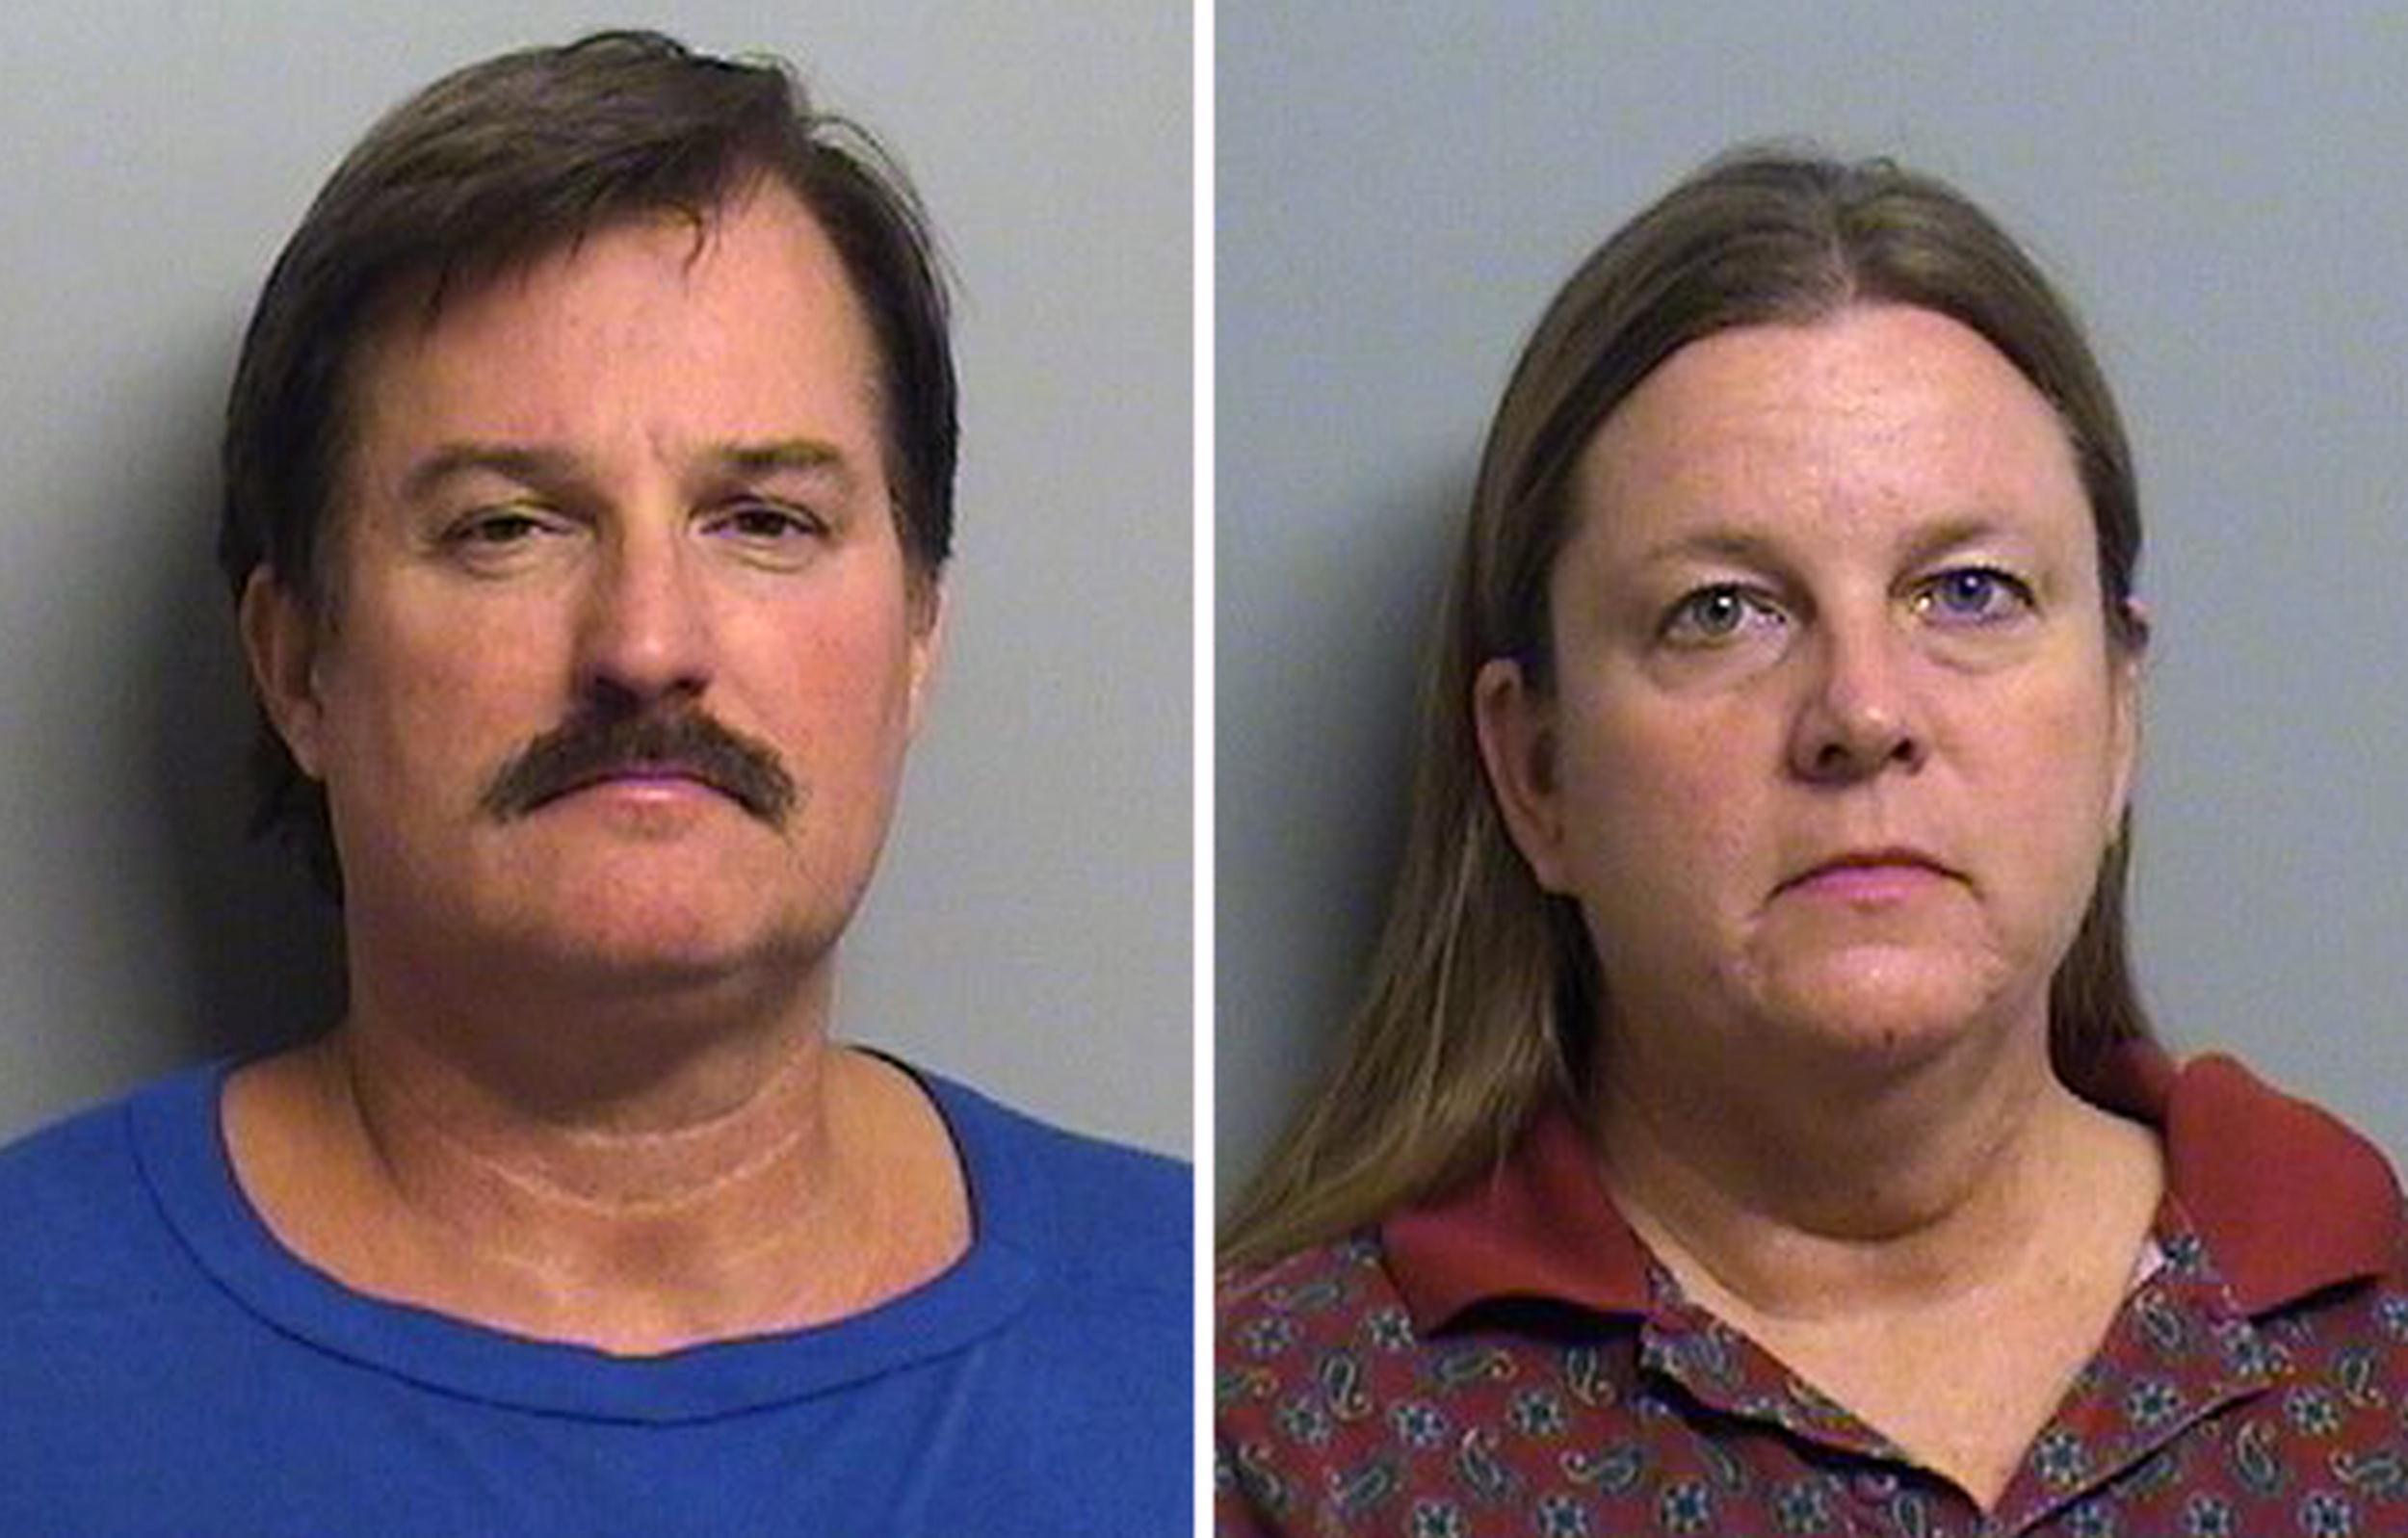 Image: Officers Shannon Kepler and Gina Kepler